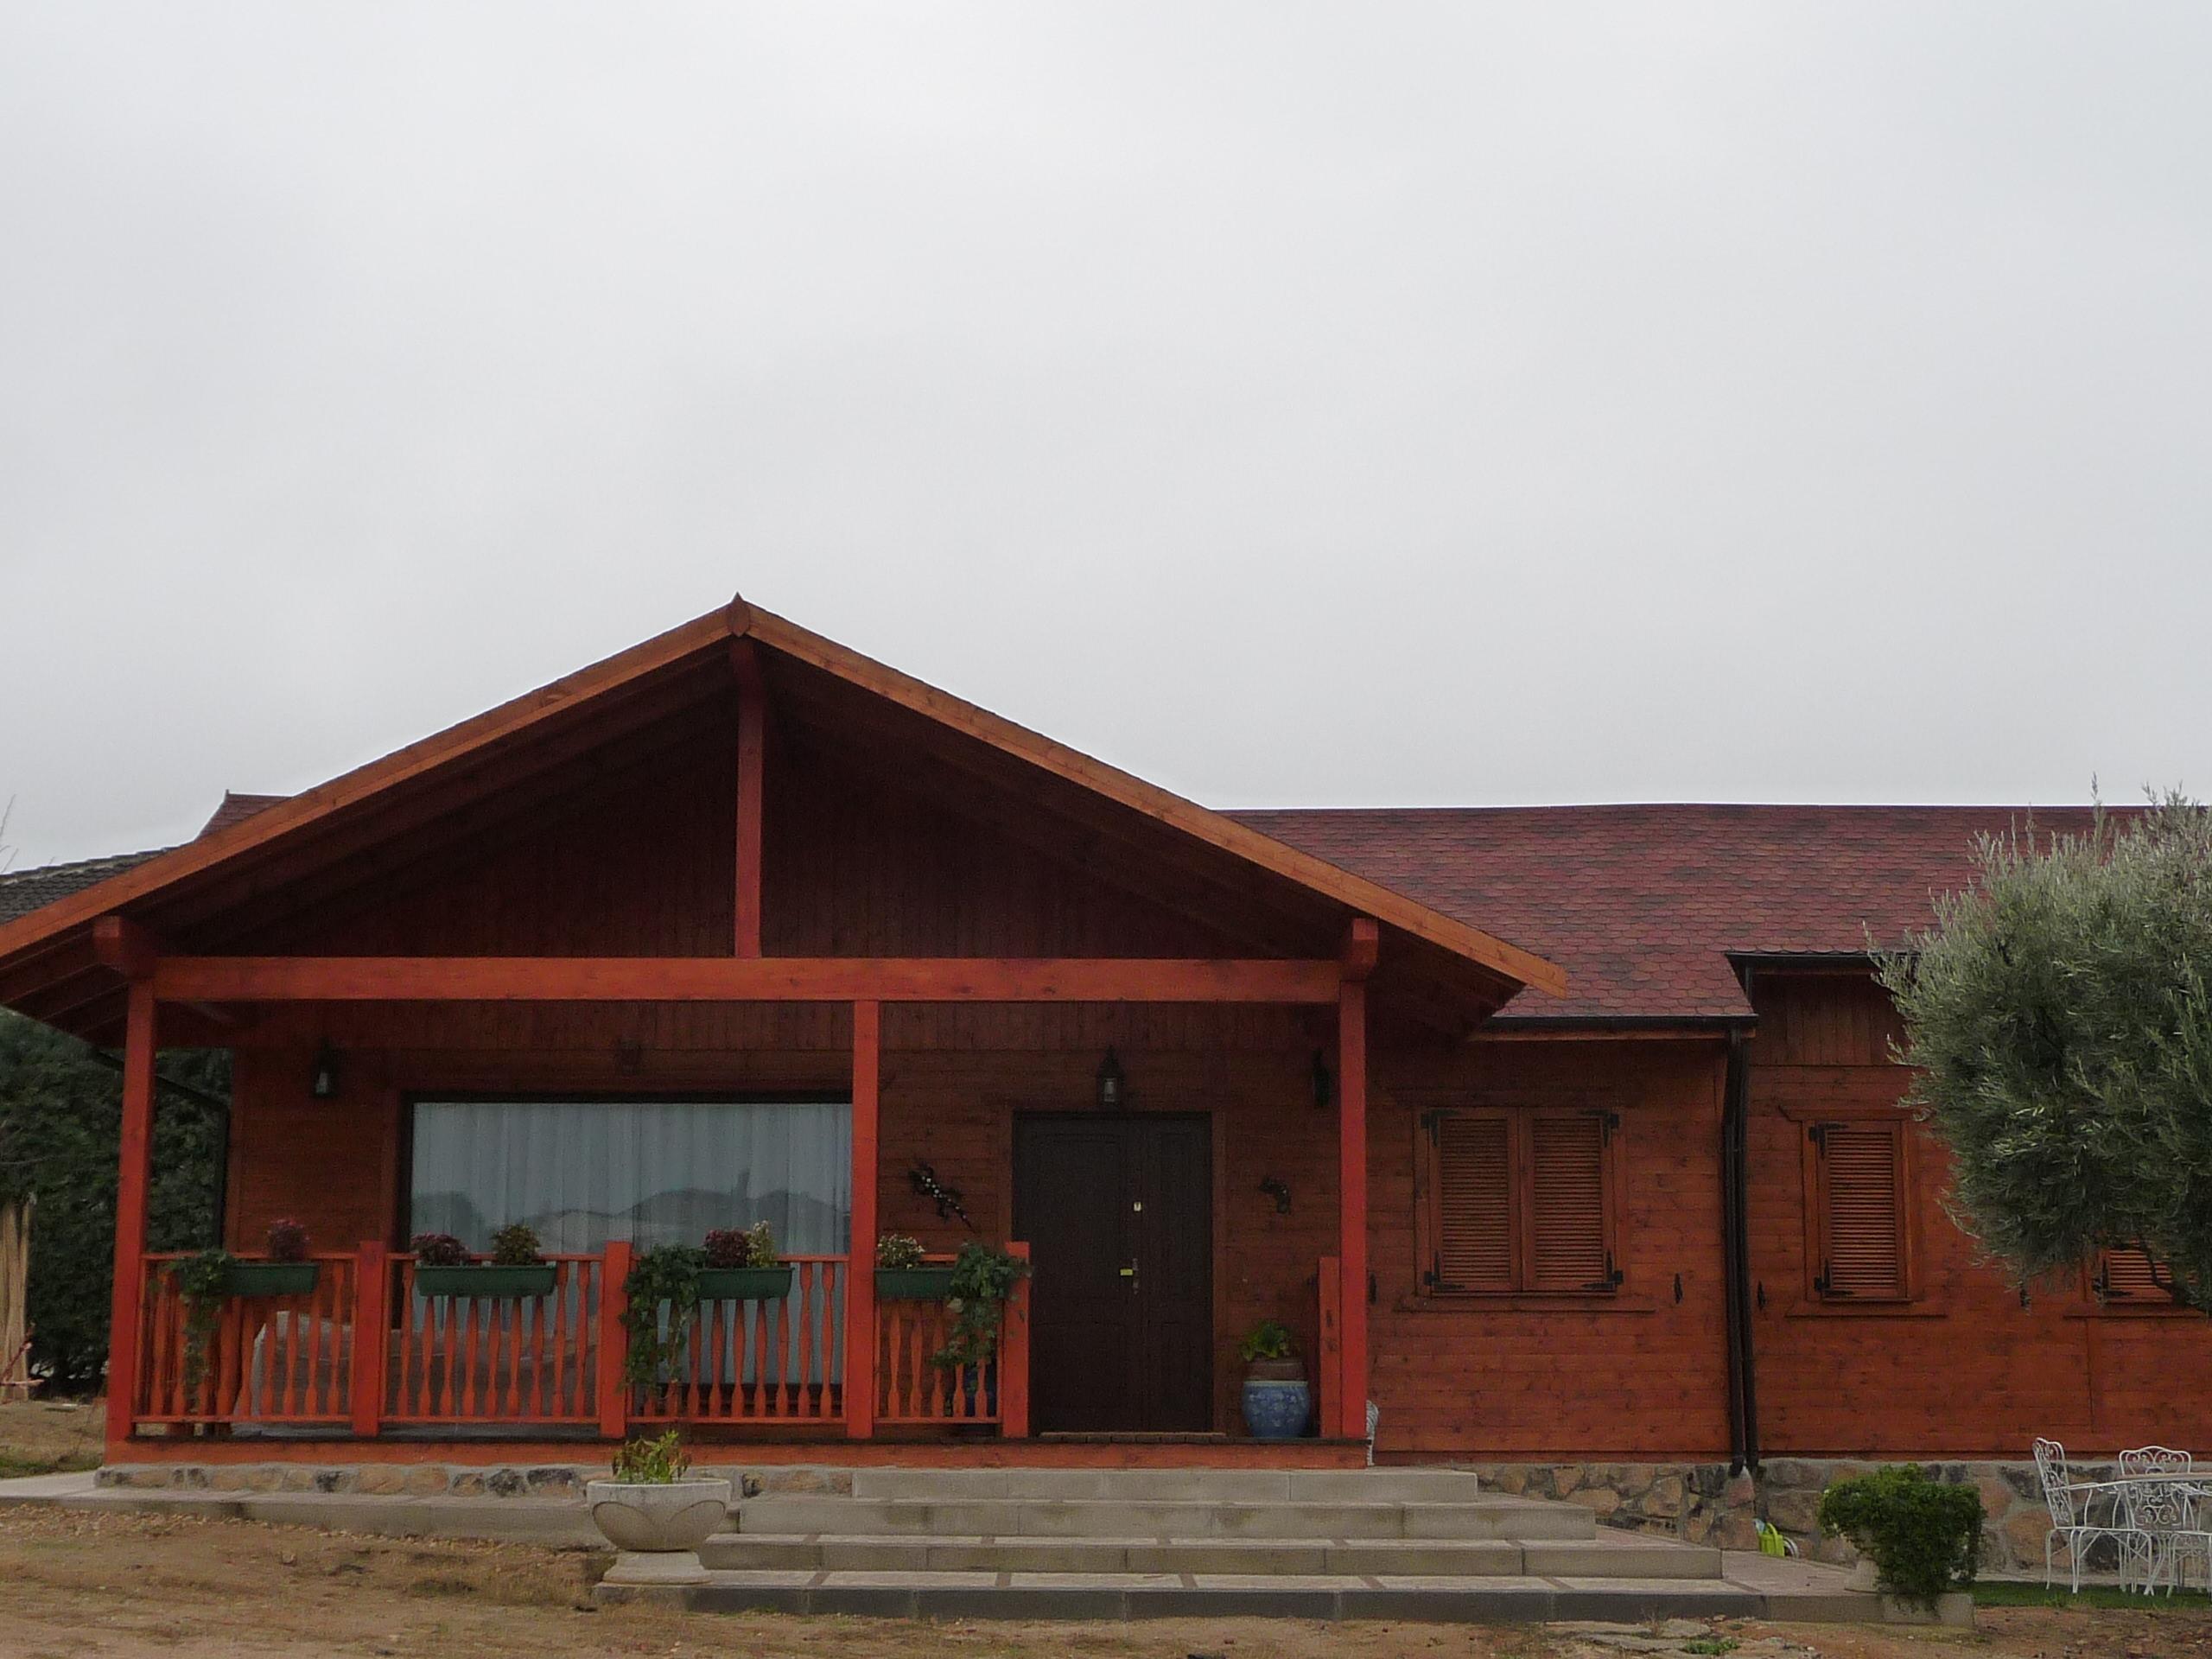 Comprar casa de madera - Casas de madera espana ...